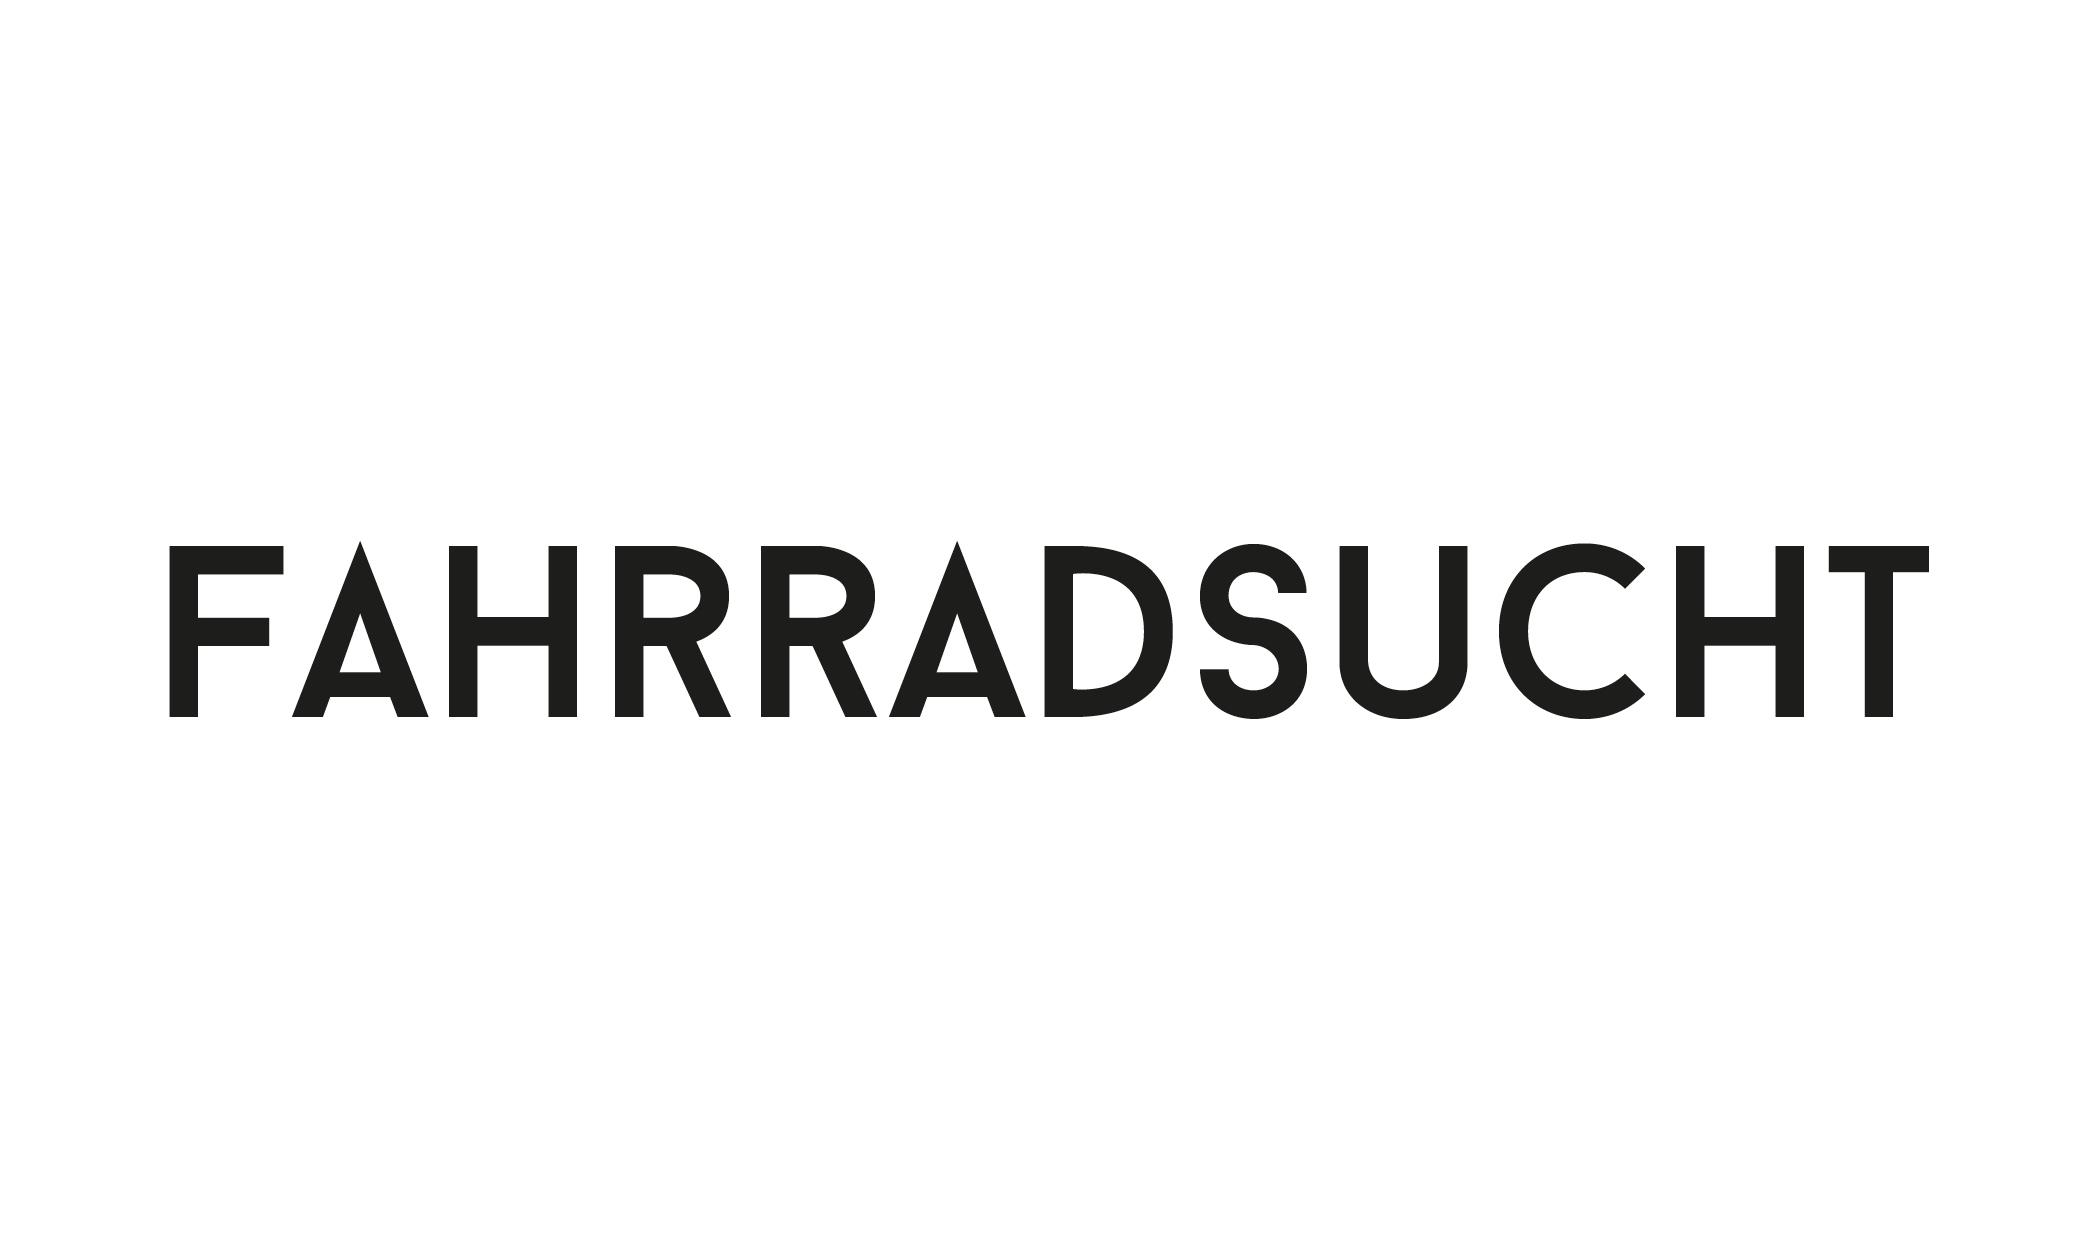 fahrradsucht-logo